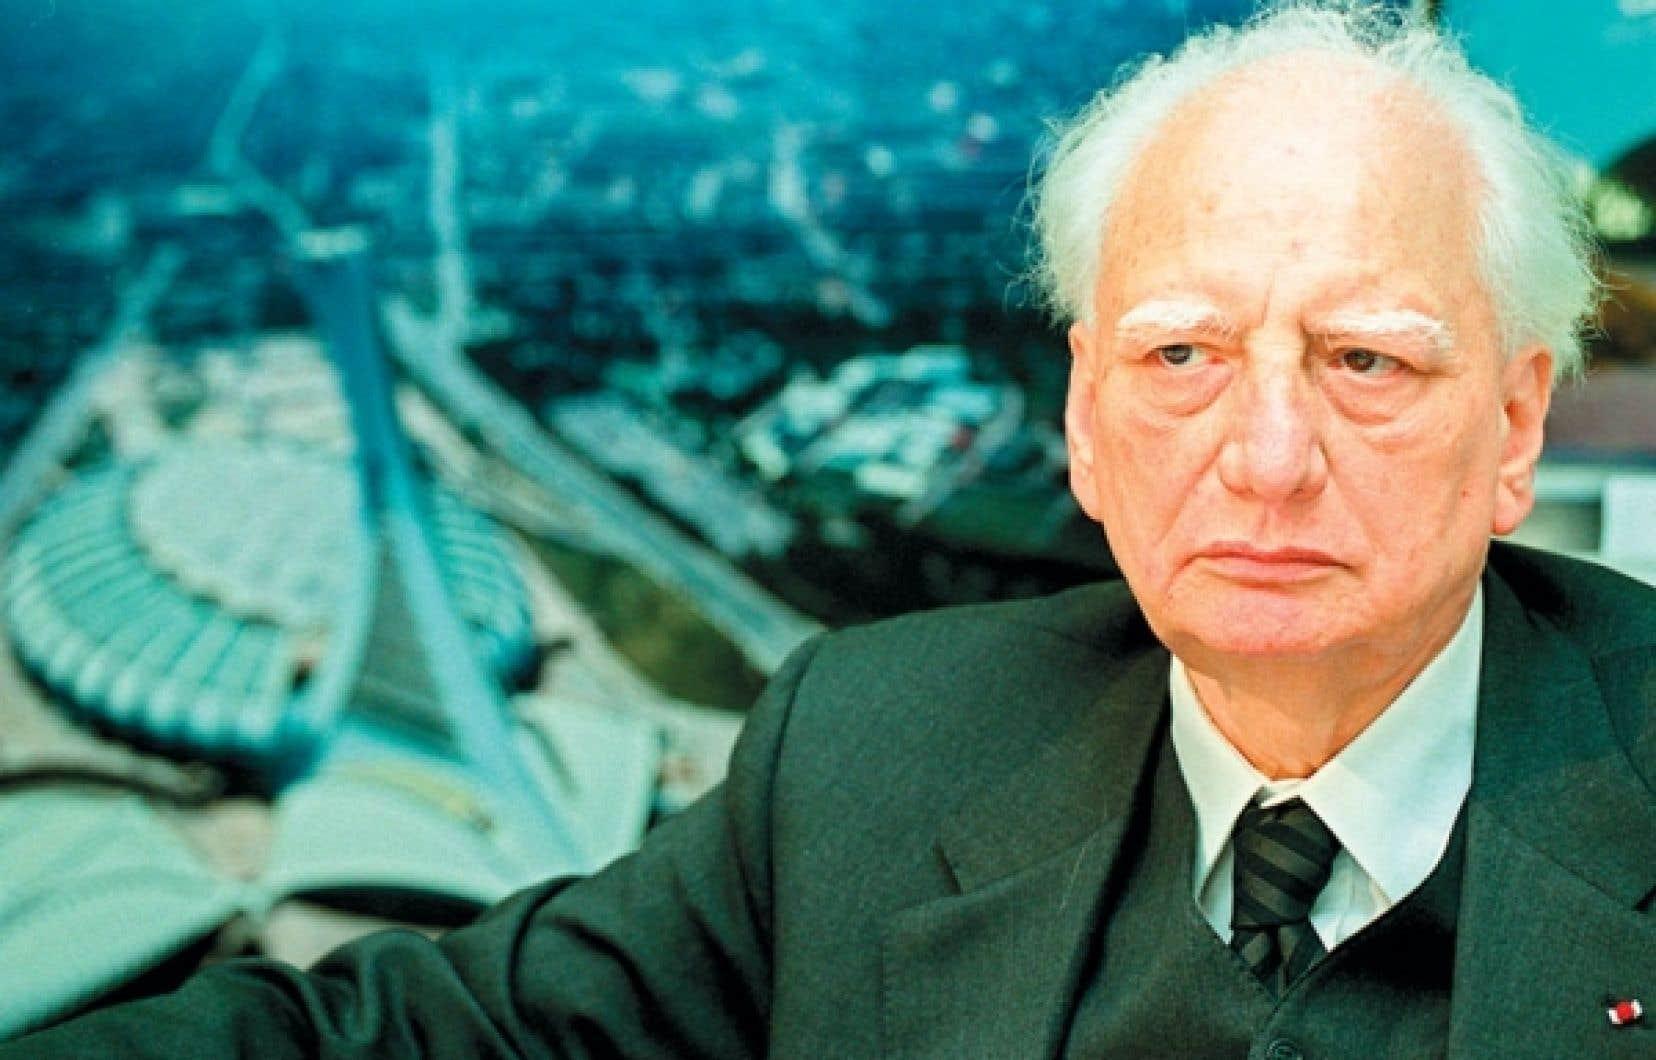 Les bureaux de génie sont les «pourvoyeurs de fonds de la politique», estime l'architecte Roger Taillibert, ici photographié dans son bureau de Paris en 2001.